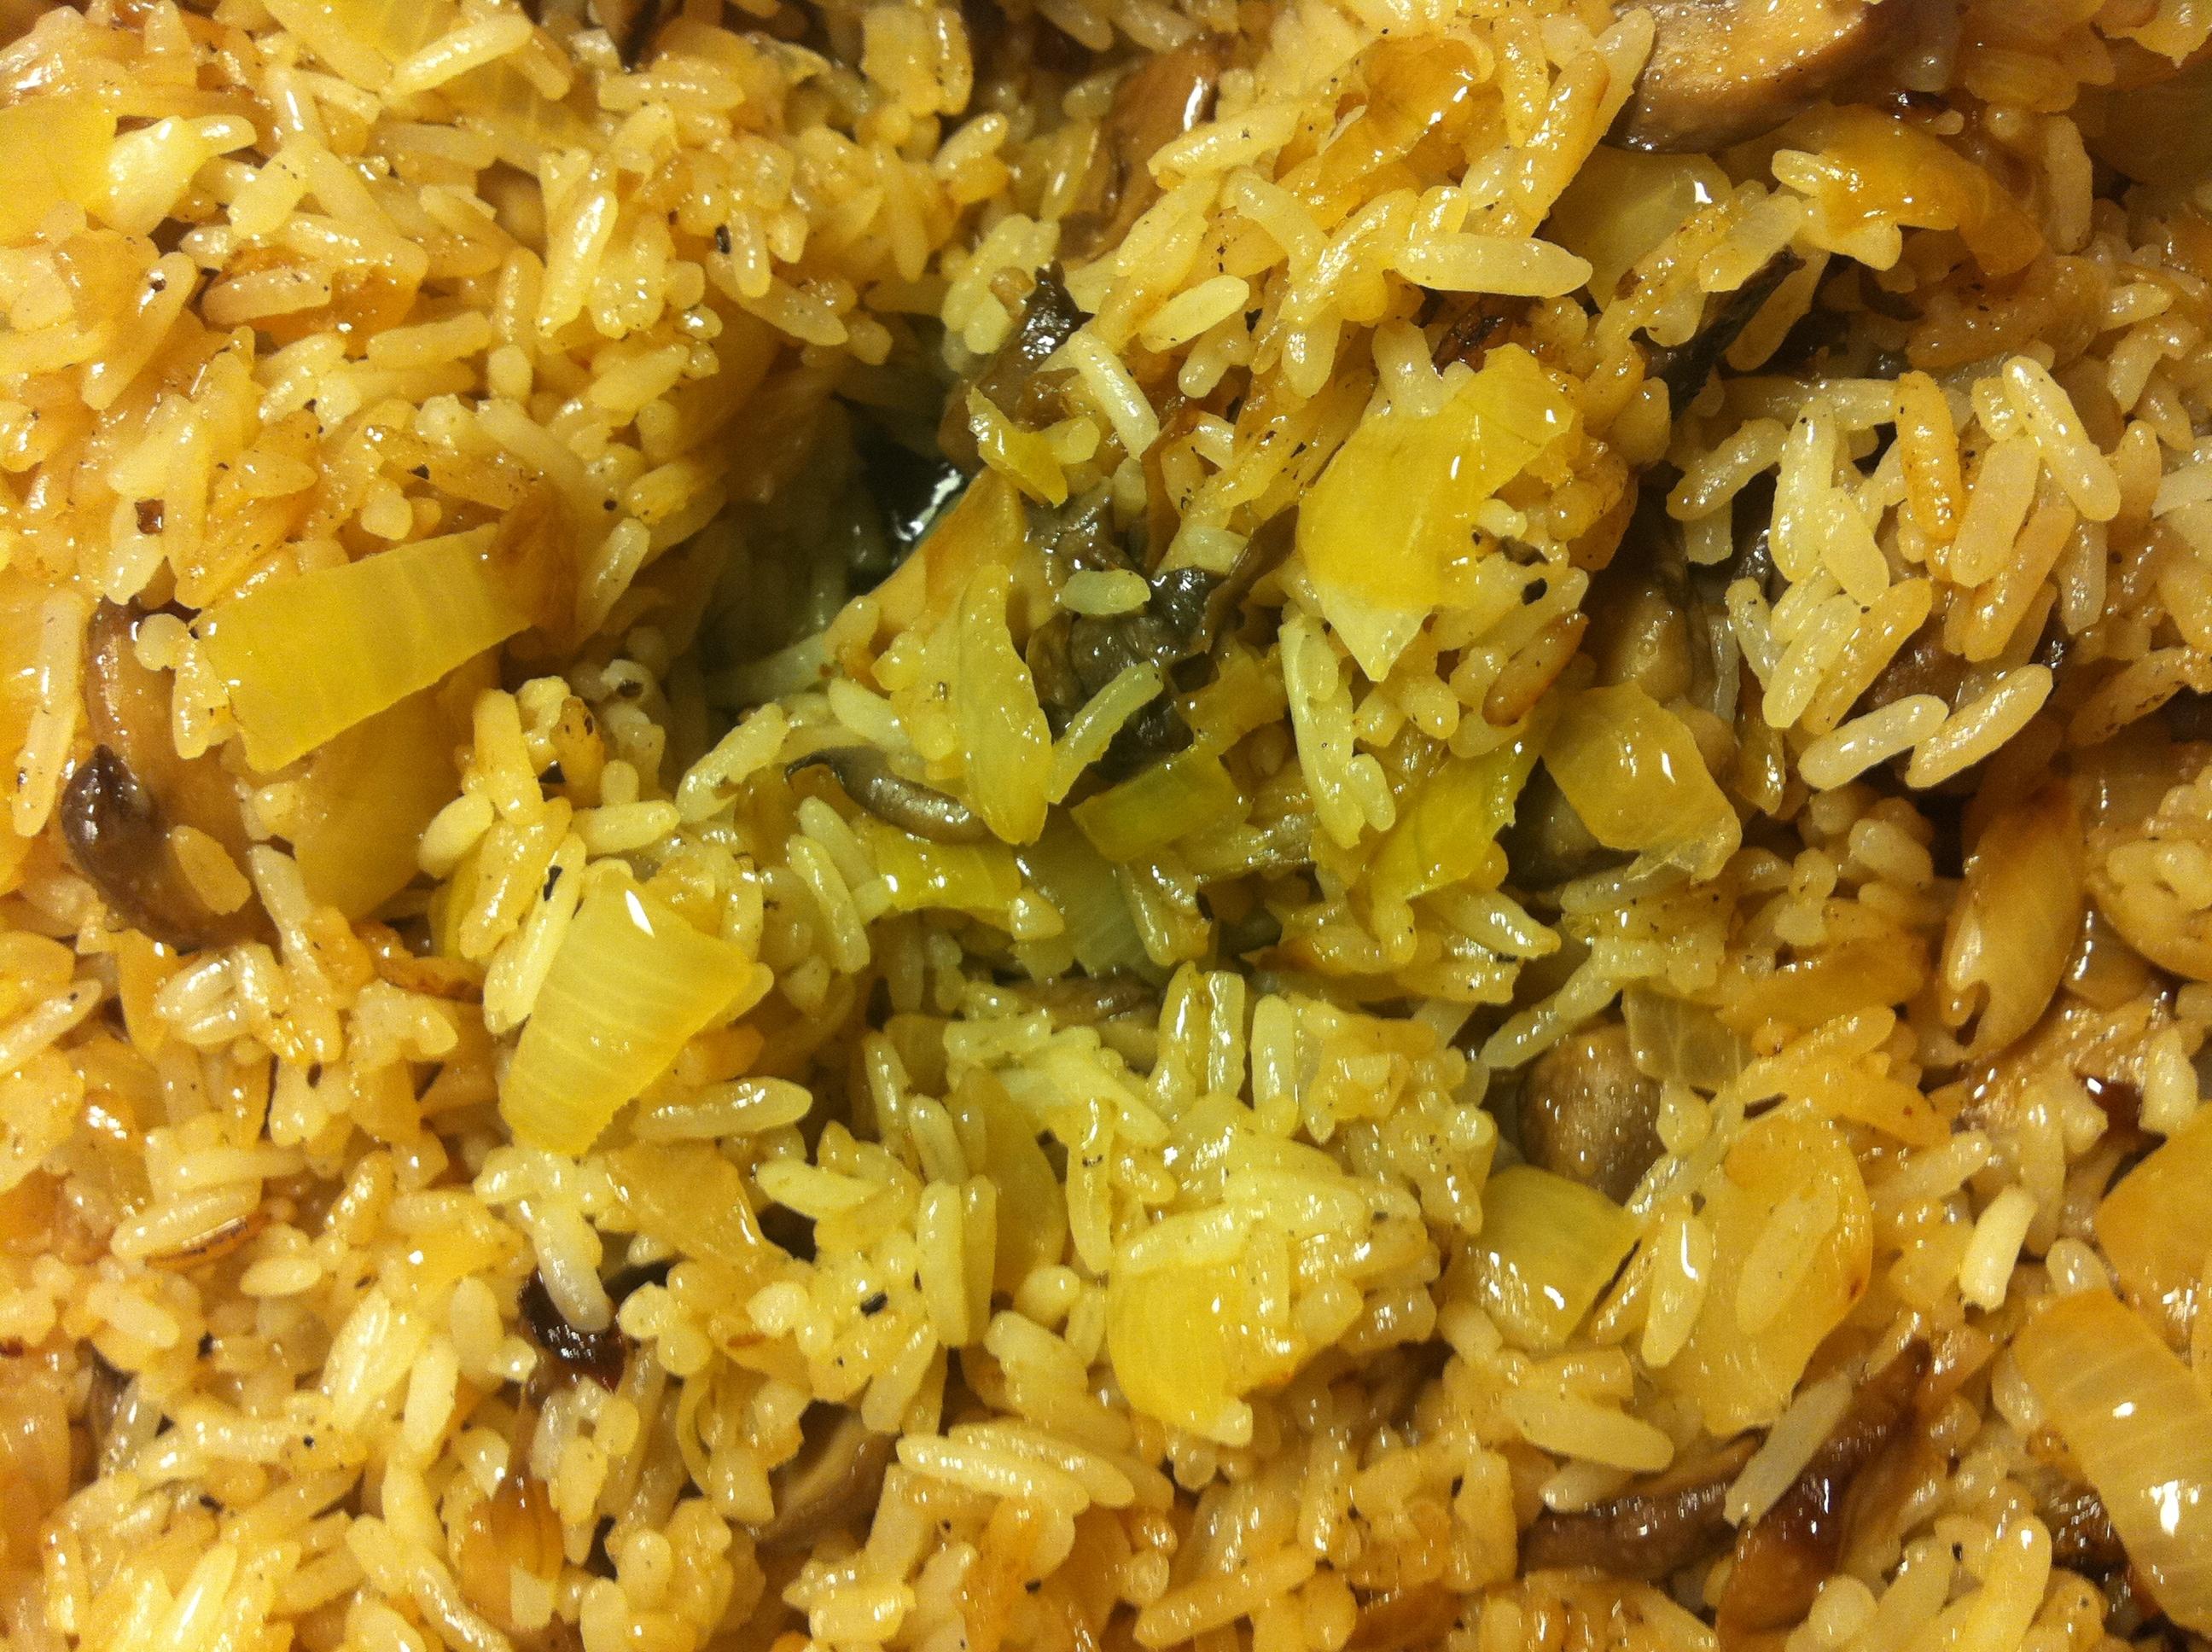 Nojjans goda stekta ris.